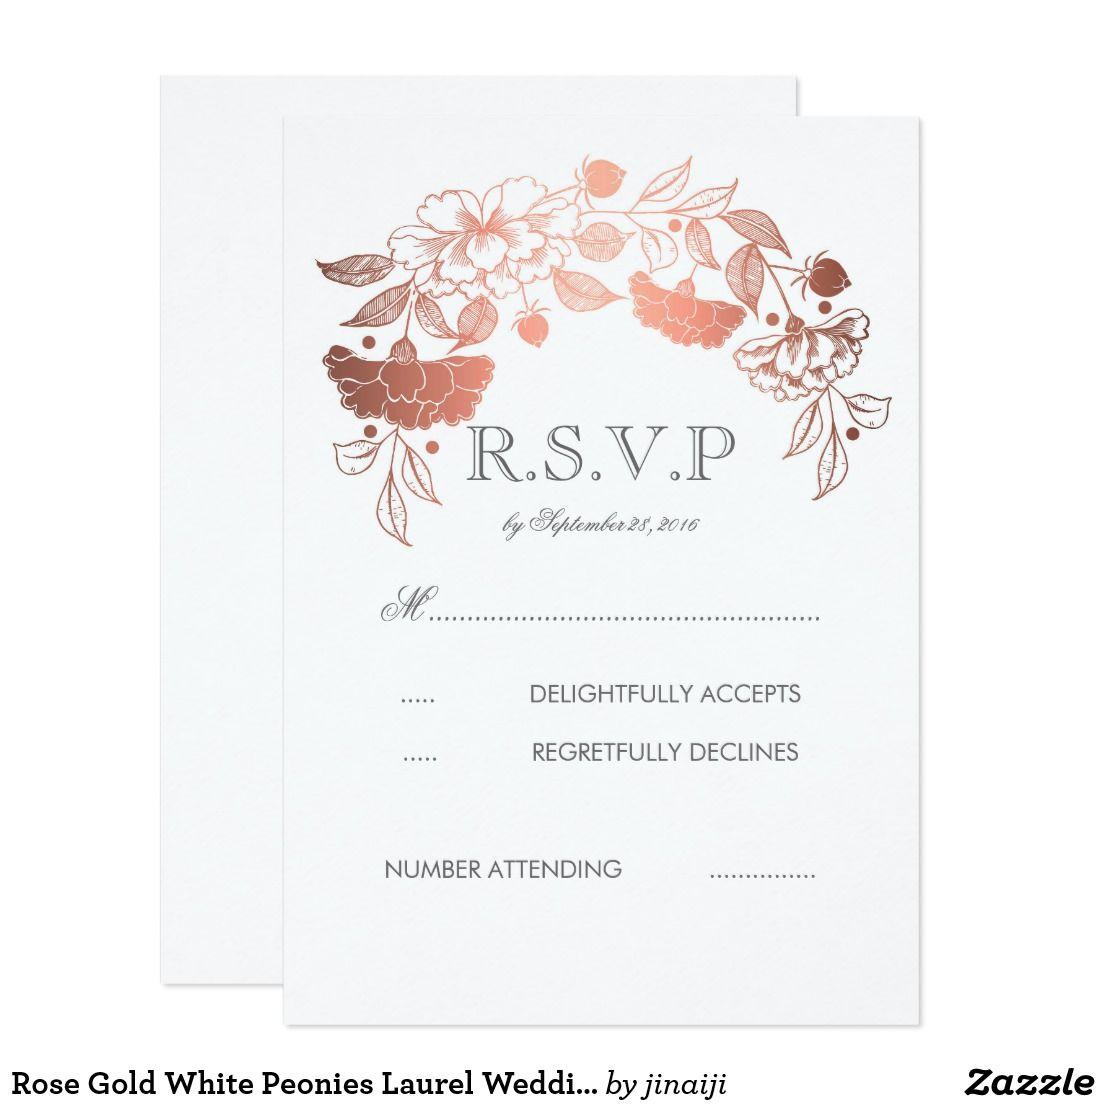 Rose Gold White Peonies Laurel Wedding RSVP Cards Rose gold floral ...